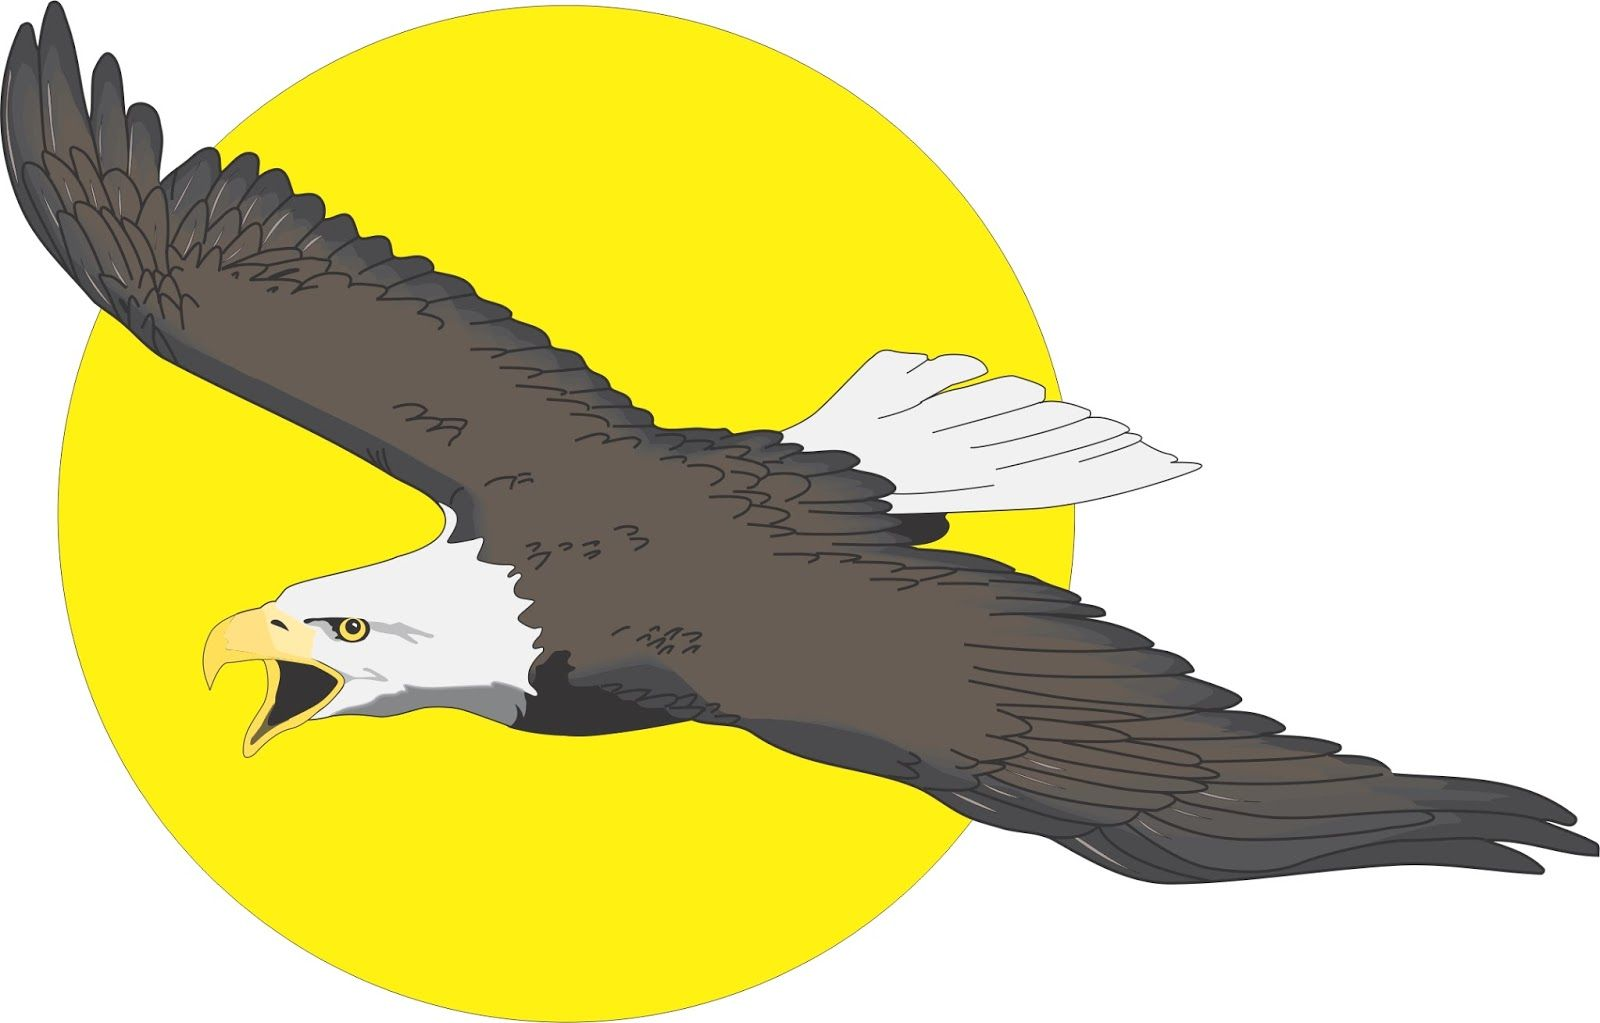 Unduh 75  Gambar Burung Rajawali Hd  Paling Unik